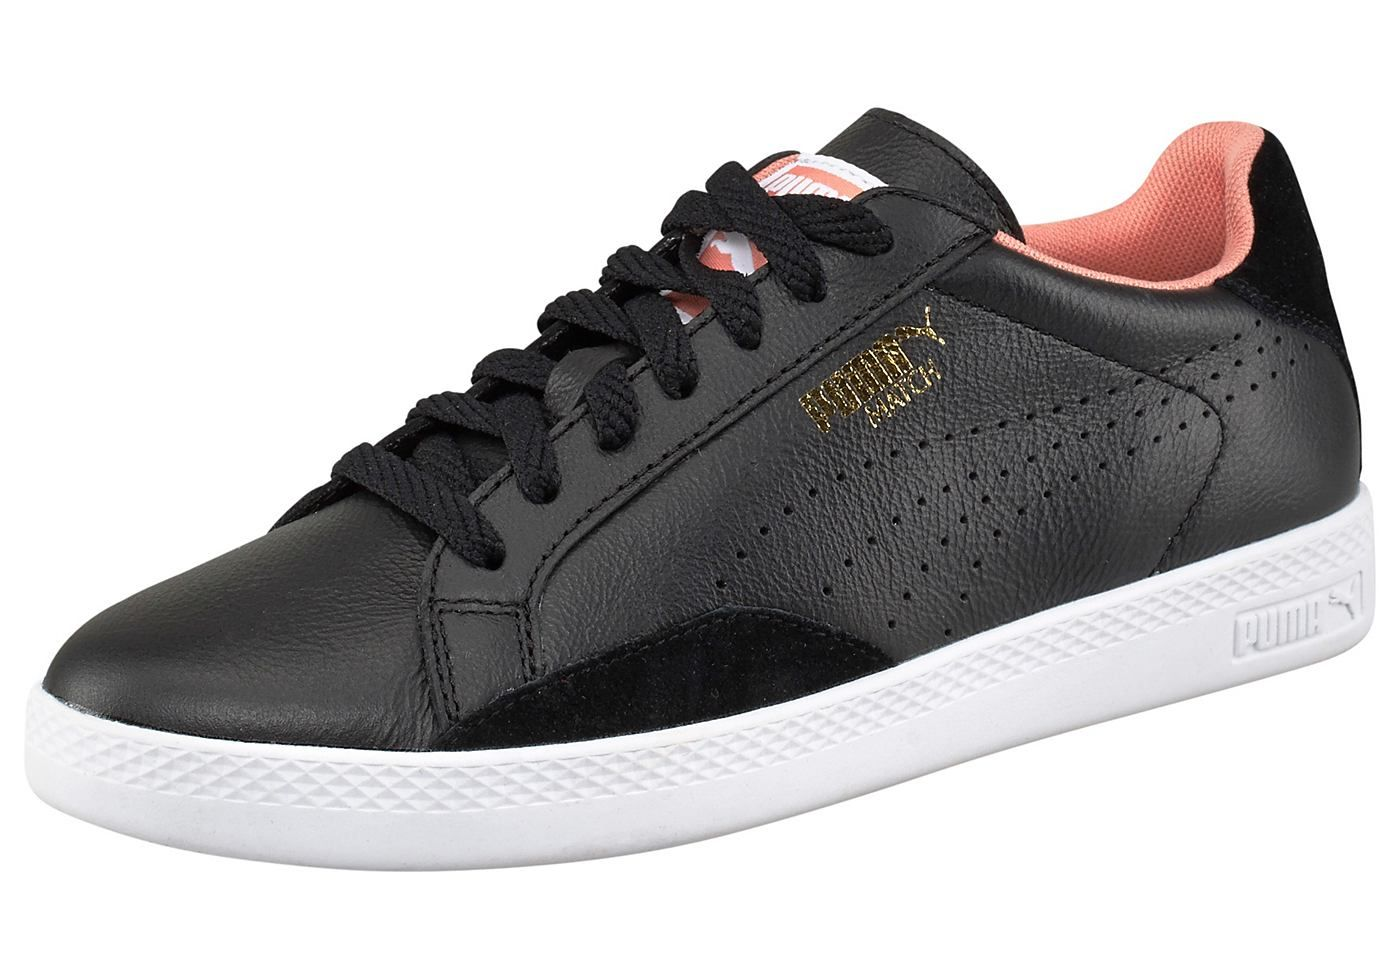 Produkttyp , Sneaker, |Schuhhöhe , Niedrig (low), |Farbe , Schwarz-Weiß, |Herstellerfarbbezeichnung , black-desert flower, |Obermaterial , Leder, |Verschlussart , Schnürung, |Laufsohle , Leder, | ...